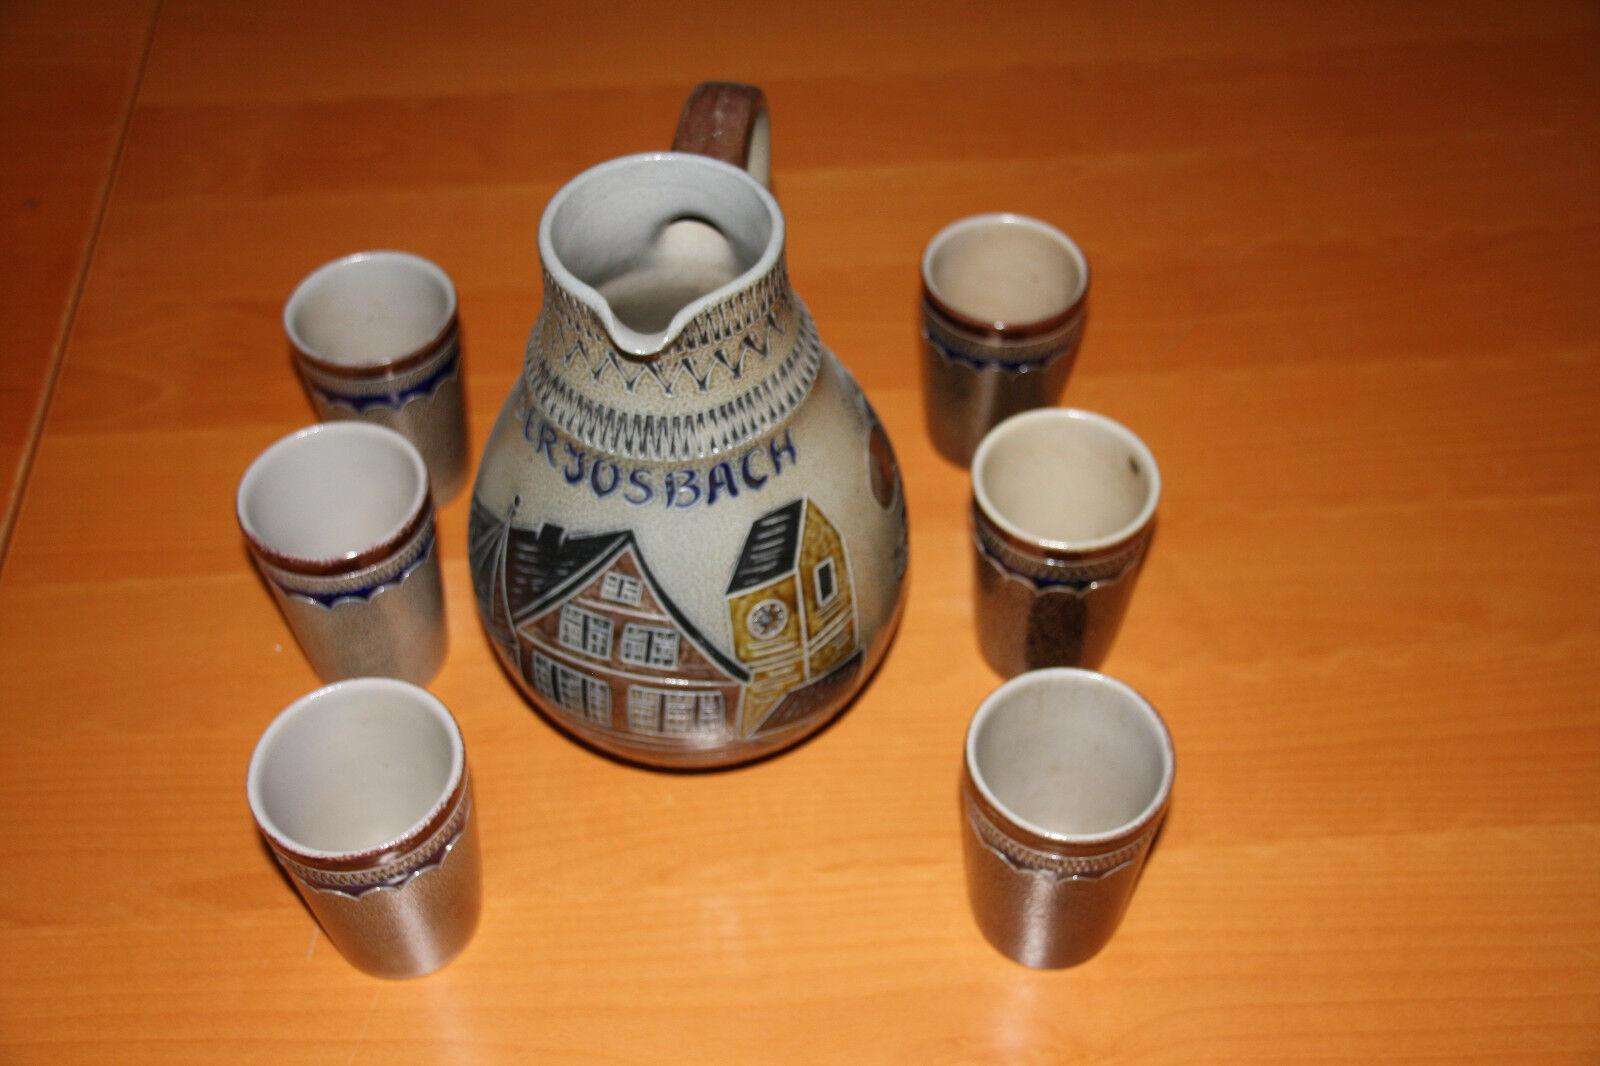 Original hessischer steingut apfelwein saftkrug mit 6 bechern, handarbeit